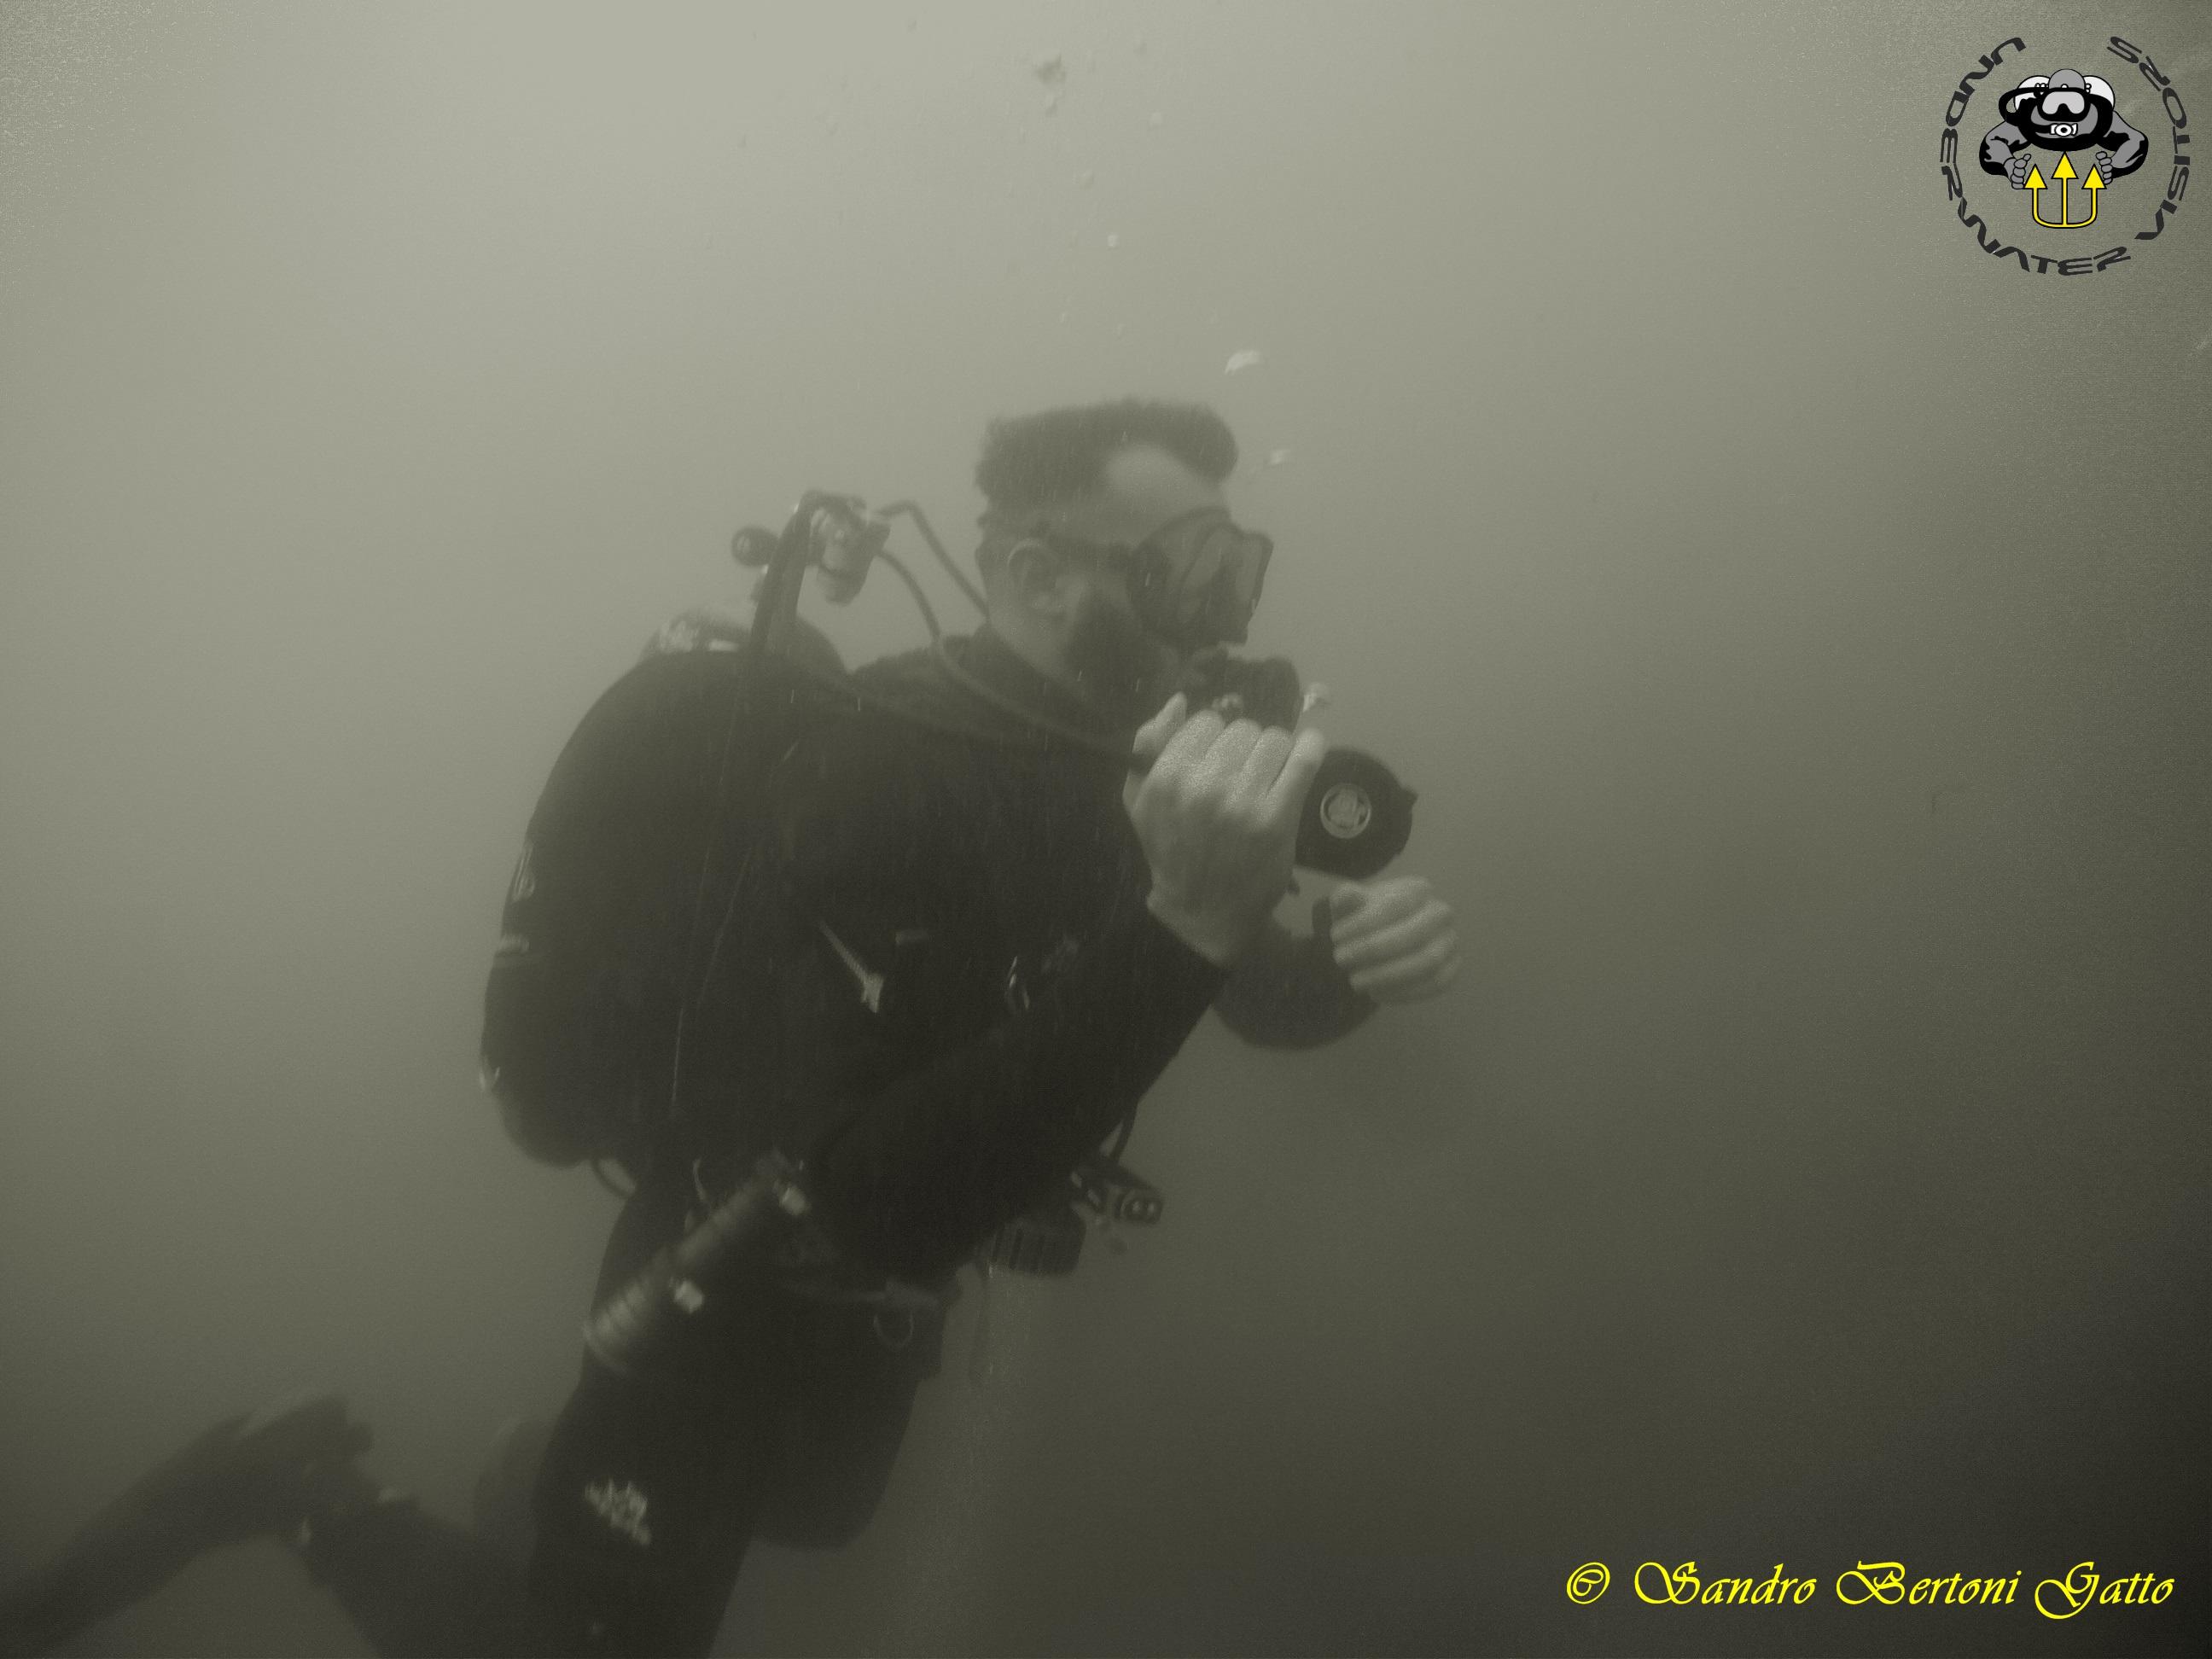 Rec1 Open water diver